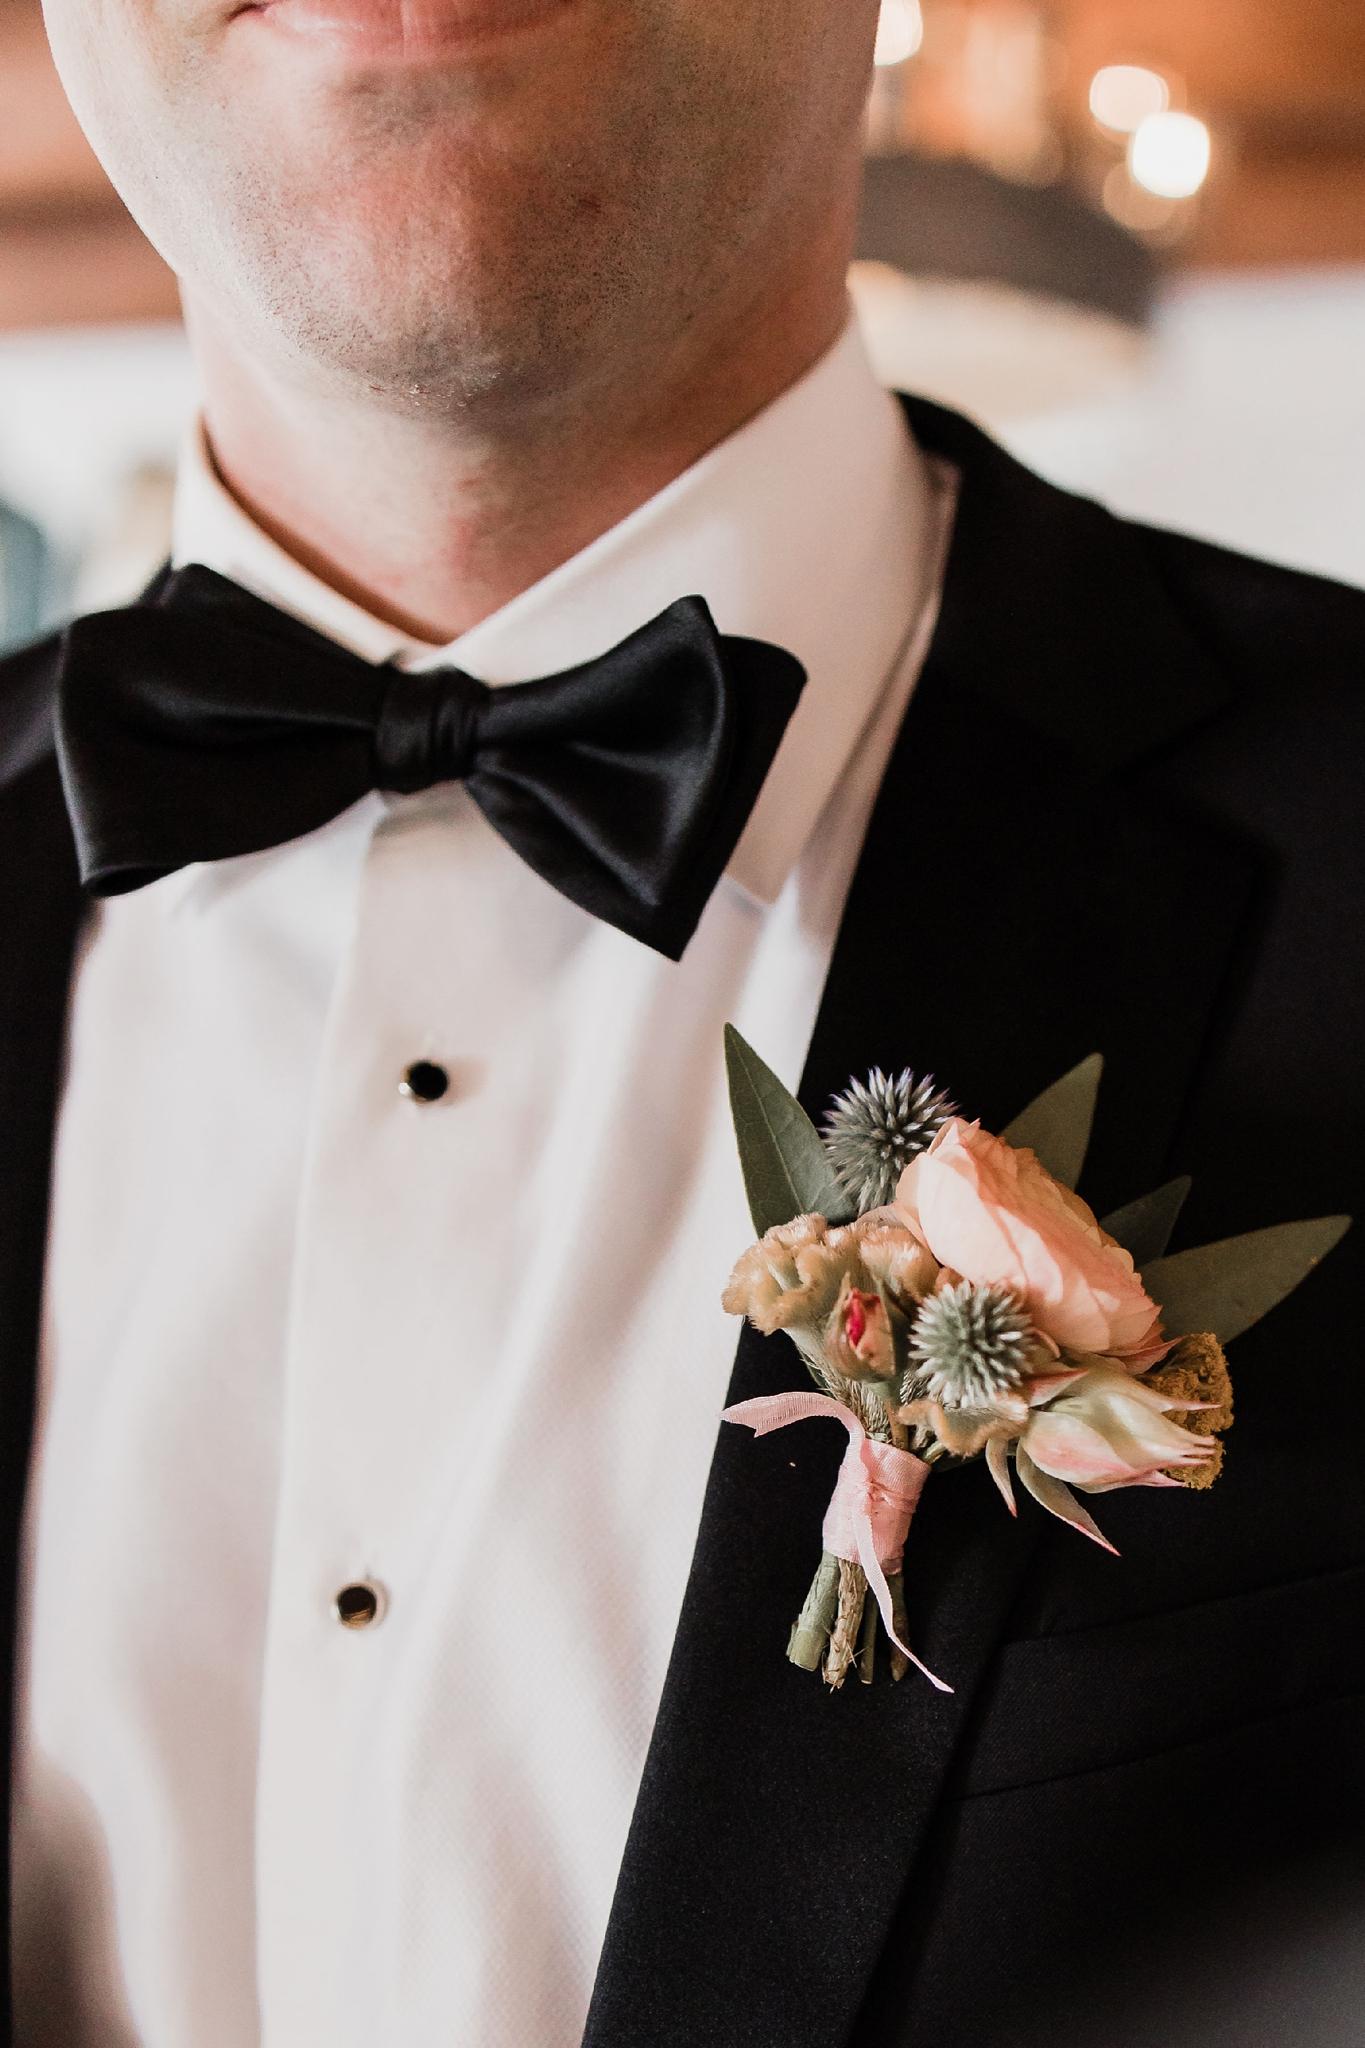 Alicia+lucia+photography+-+albuquerque+wedding+photographer+-+santa+fe+wedding+photography+-+new+mexico+wedding+photographer+-+new+mexico+wedding+-+summer+wedding+-+summer+wedding+florals+-+southwest+wedding_0068.jpg